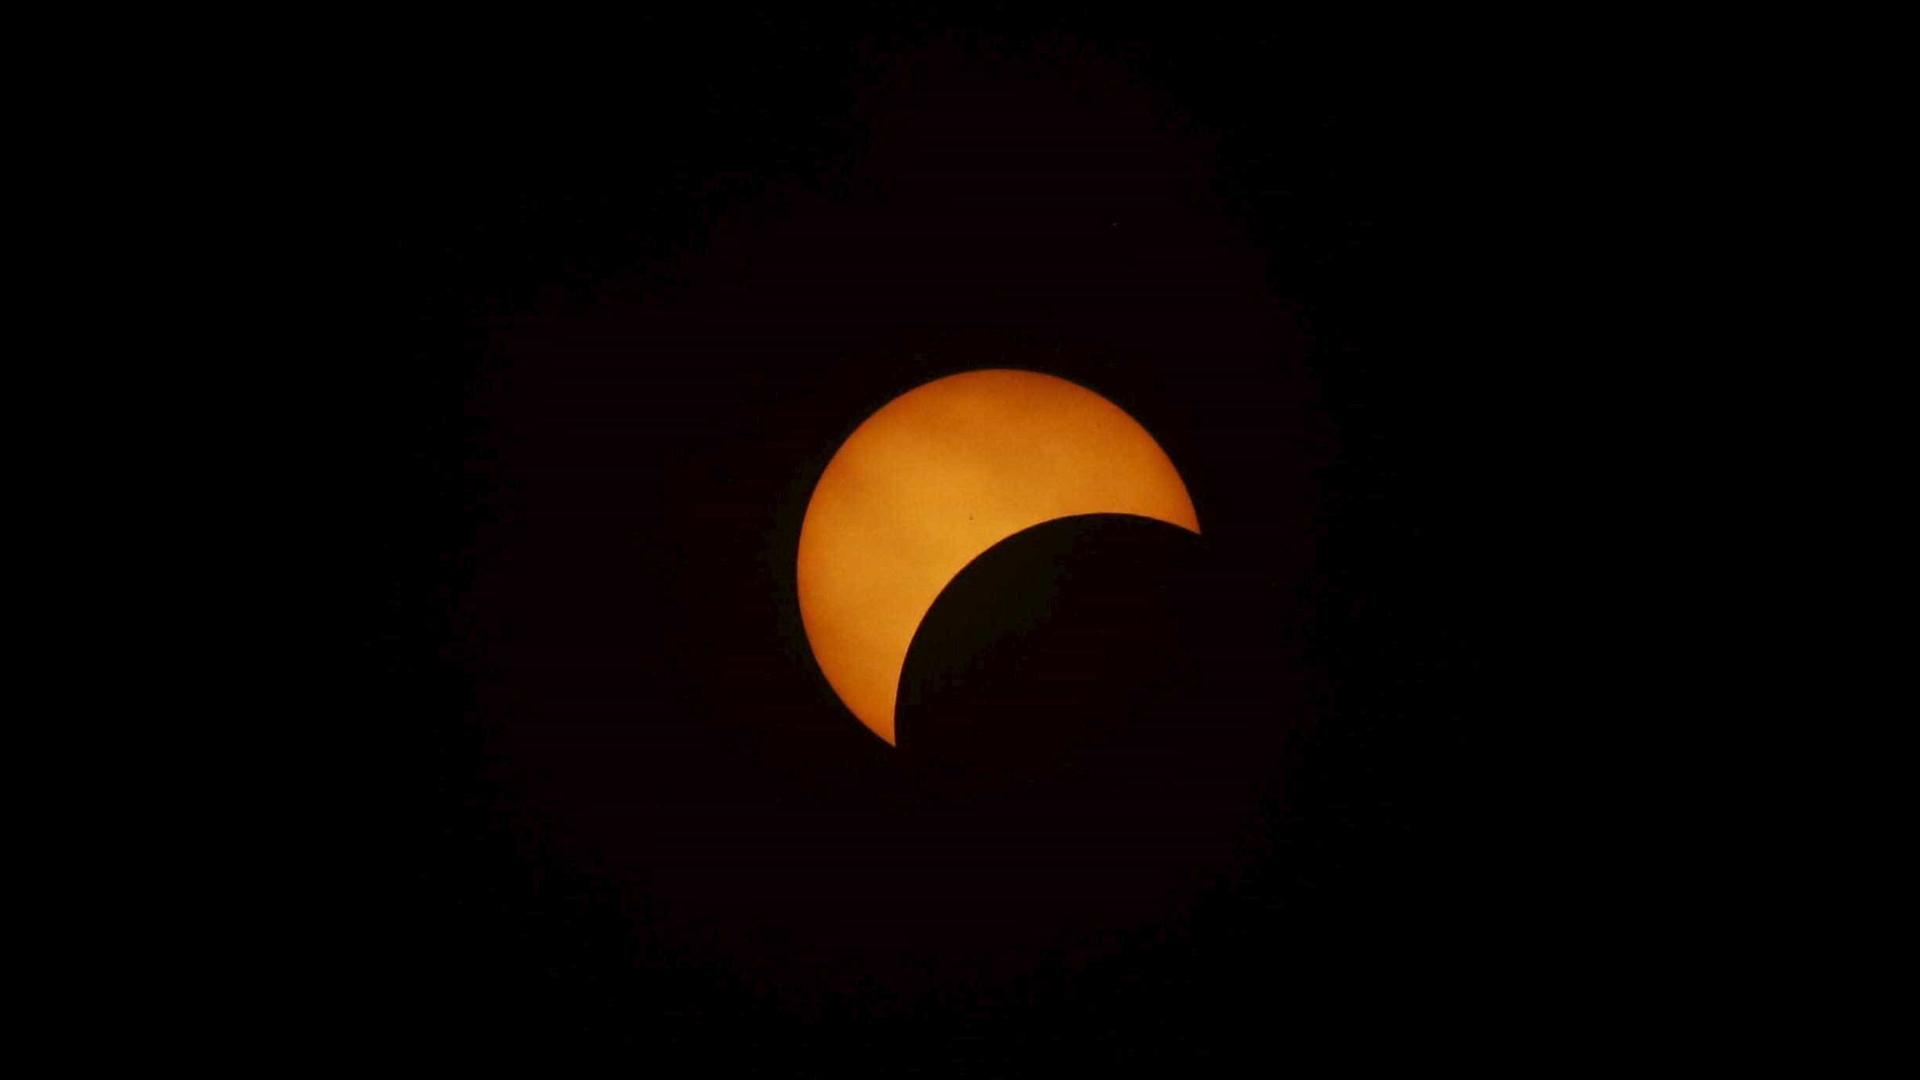 Eclipse solar poderá ser visto do Brasil; saiba quando e de onde